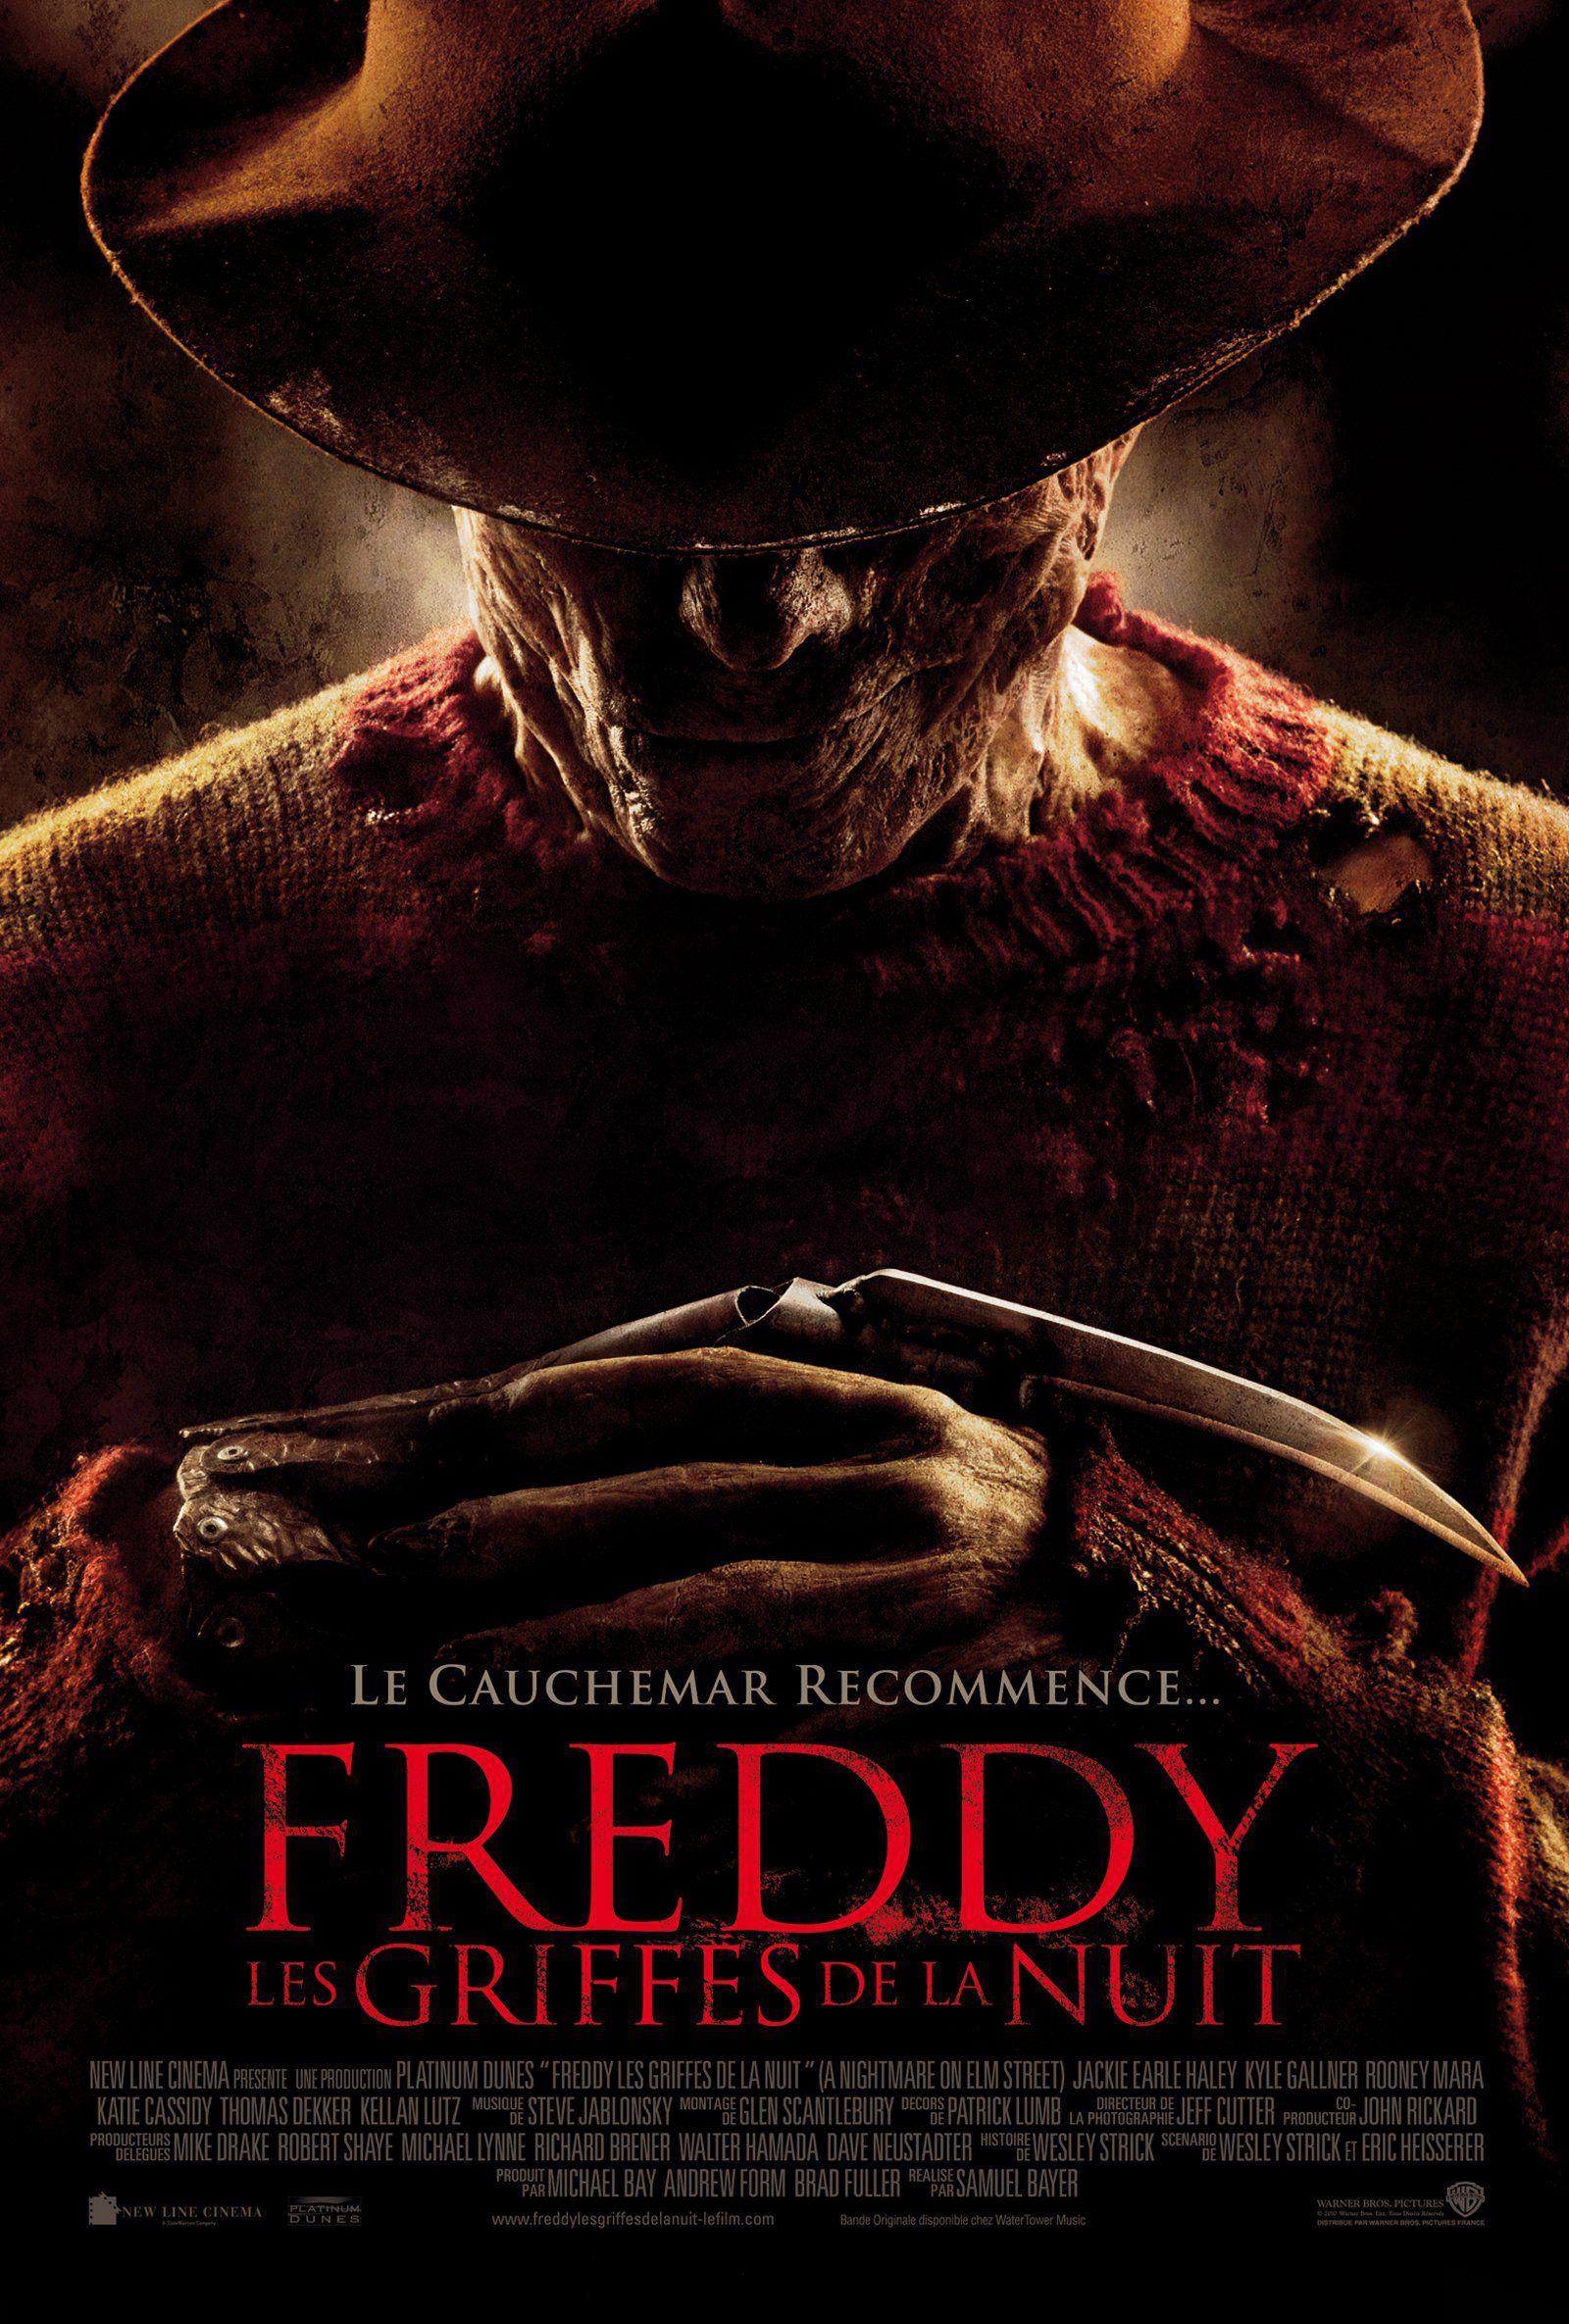 Freddy, les griffes de la nuit - Film (2010)